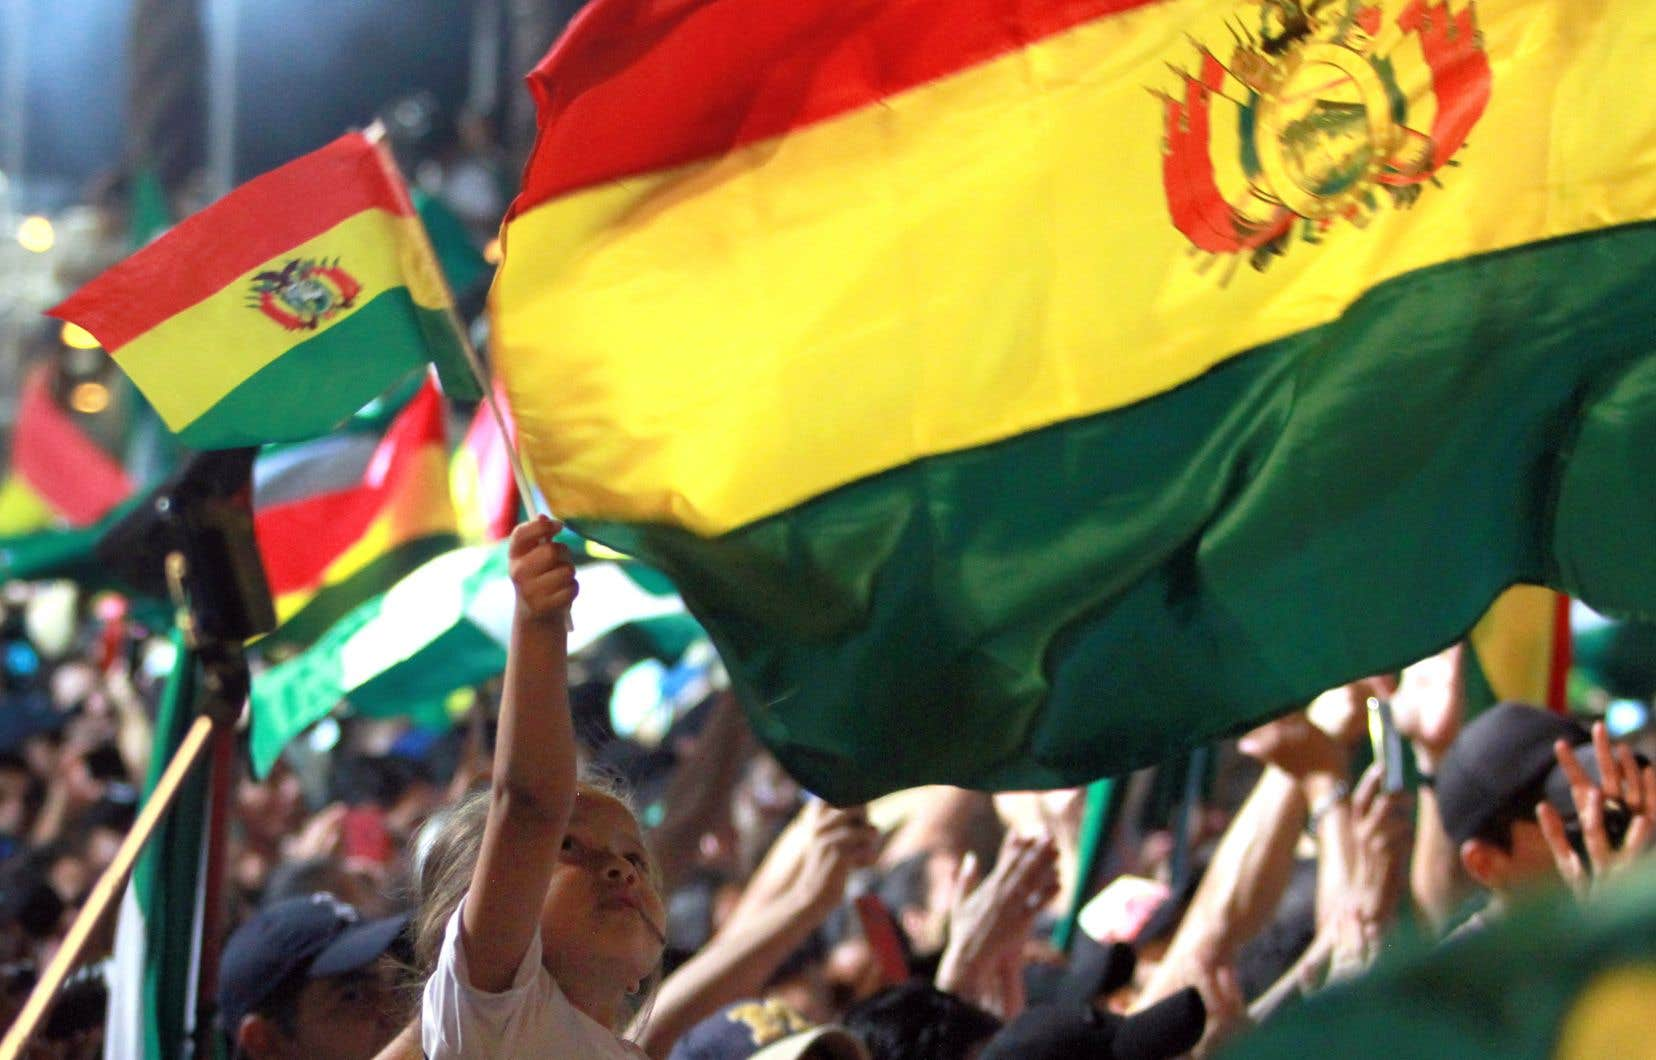 Un mois après la démission d'Evo Morales, les conditions sont encore loin d'être réunies pour l'exercice d'une nouvelle élection.